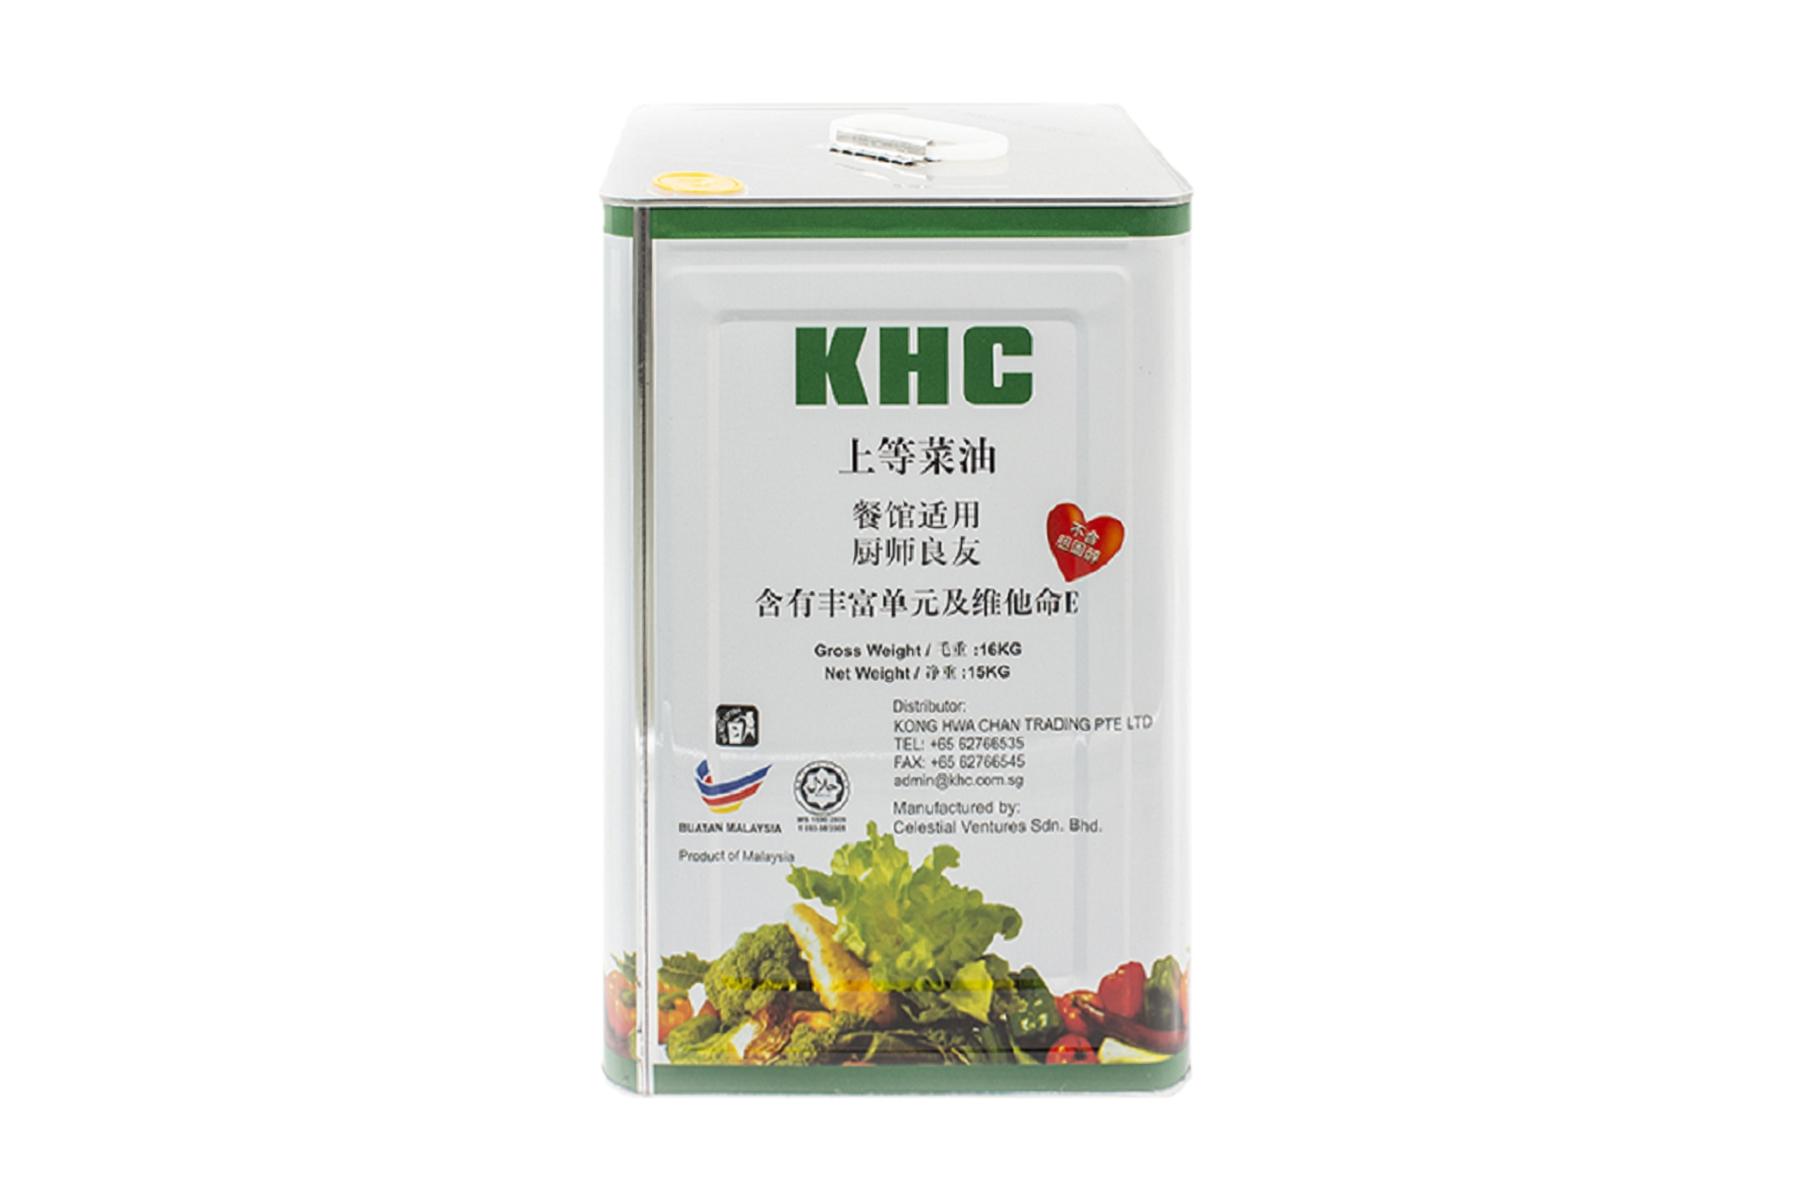 KHC Cooking Oil 15kg